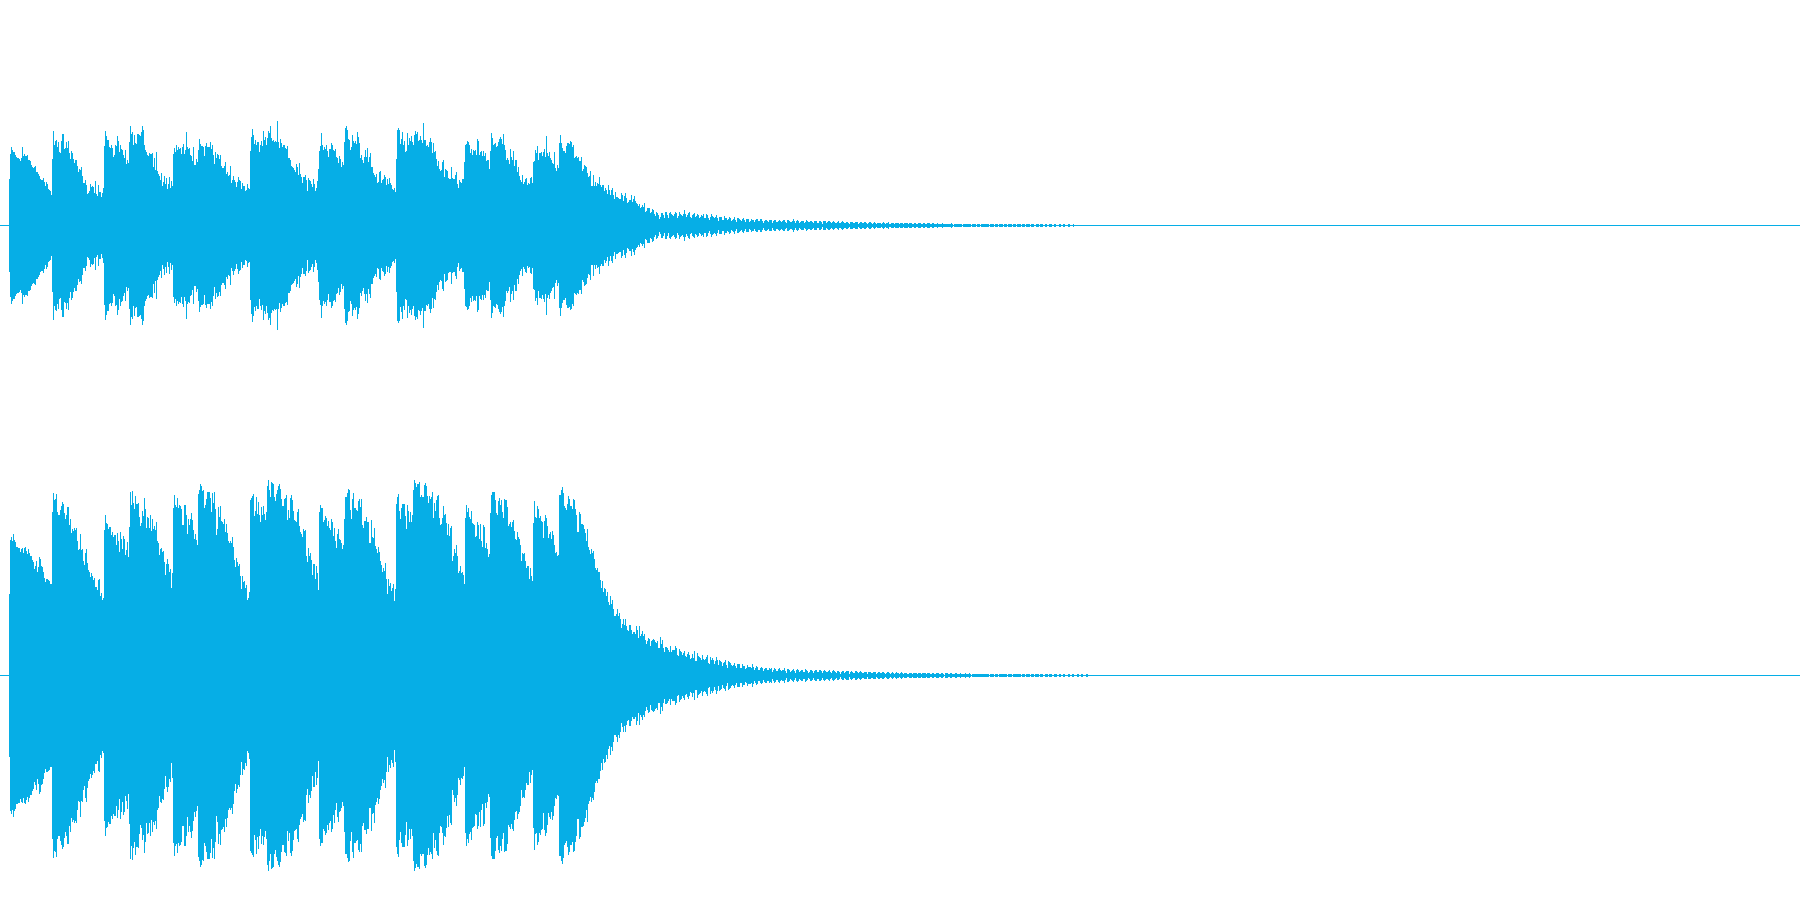 ティロティロティロティロ・・・(ベル)の再生済みの波形